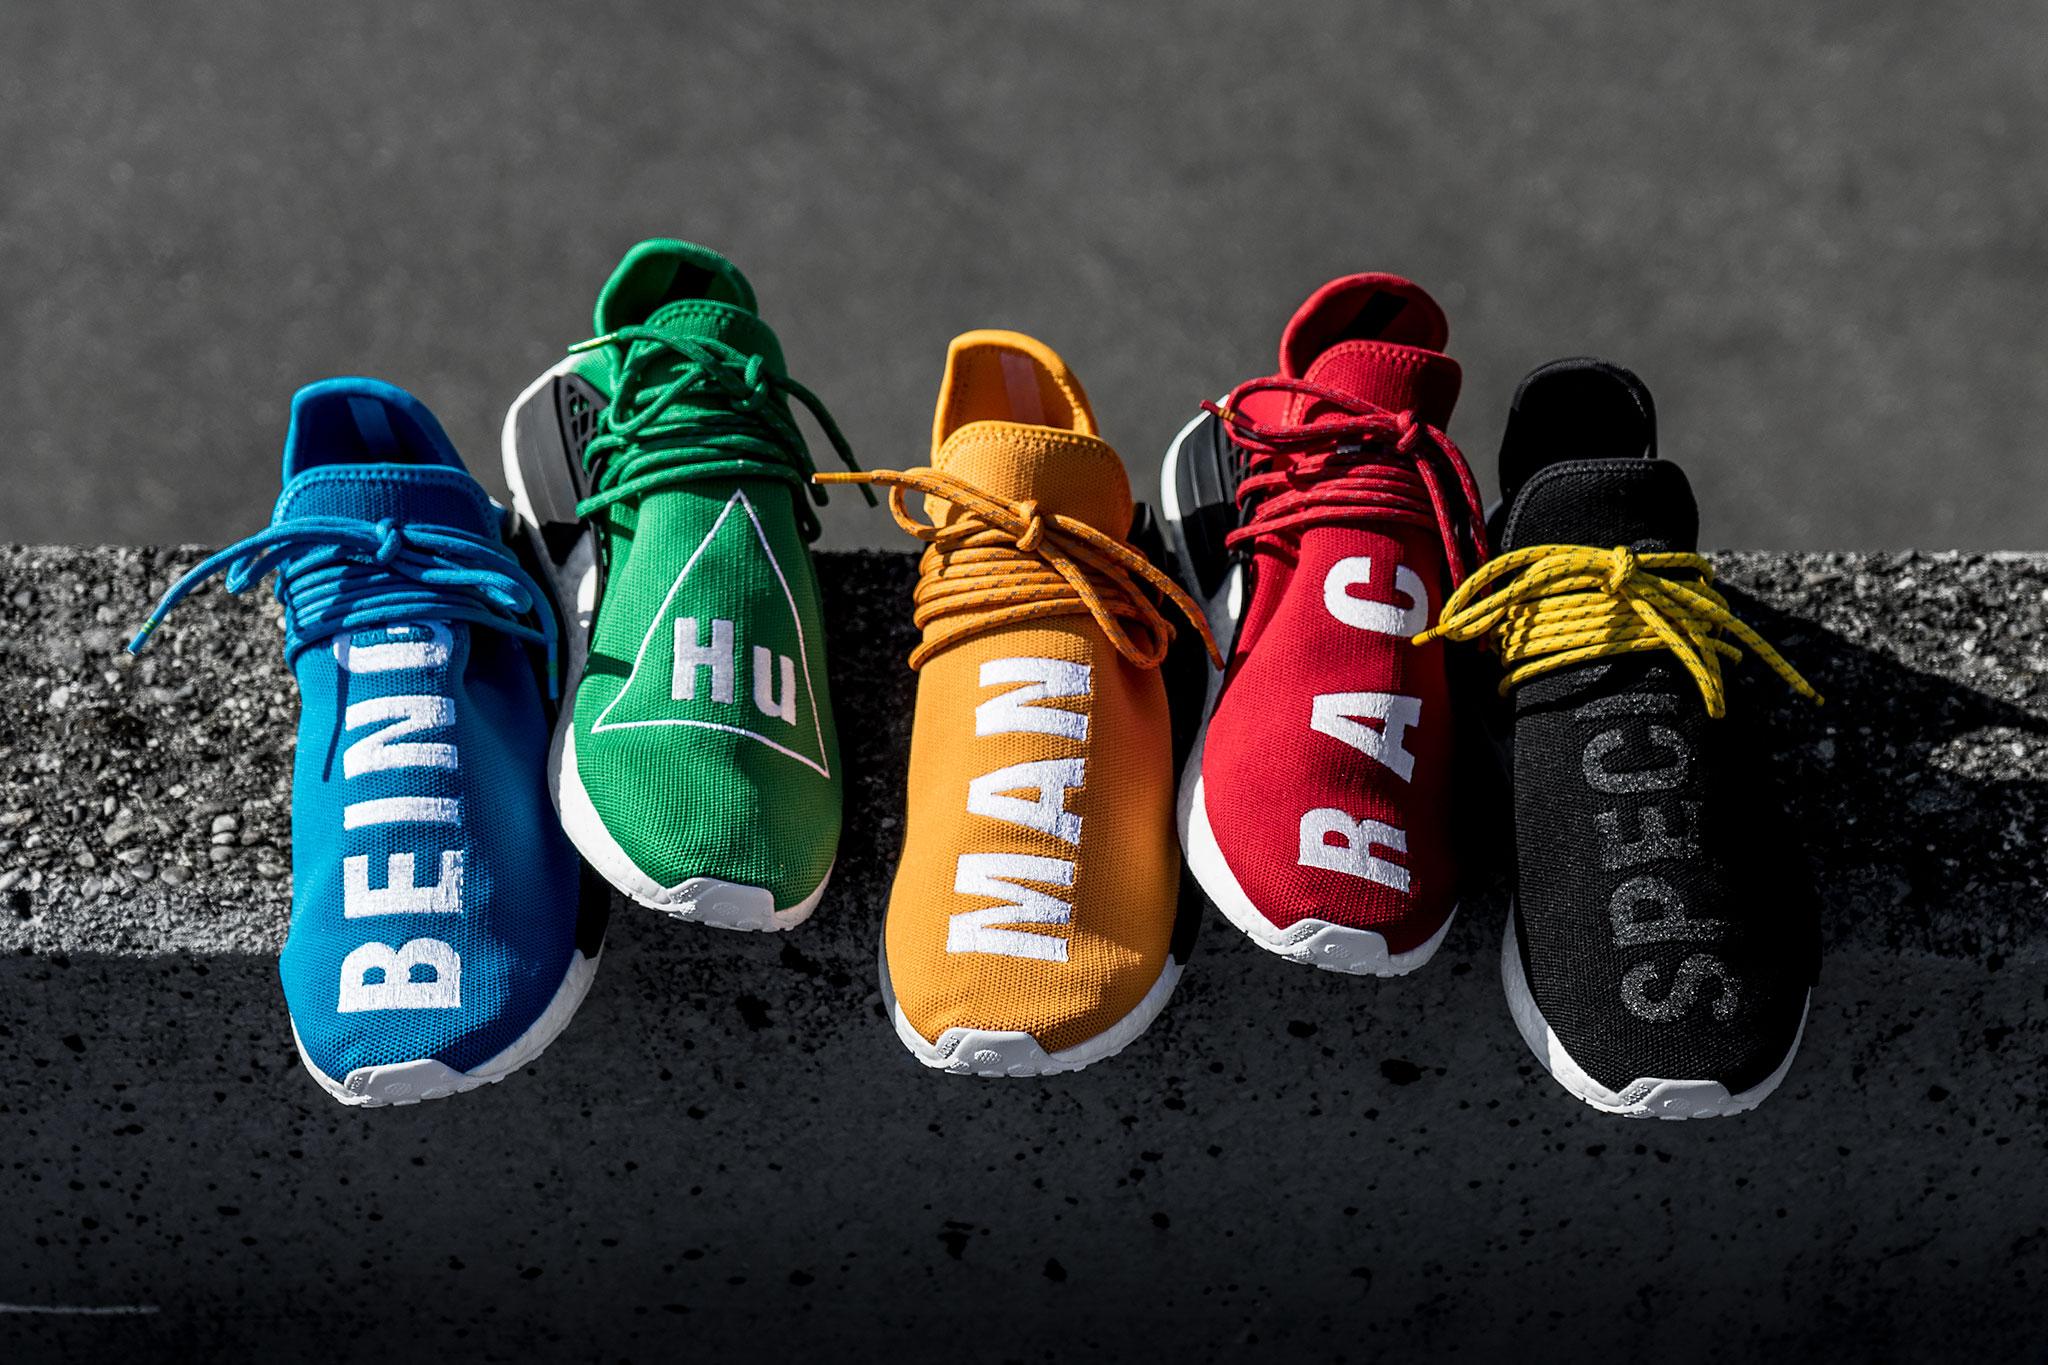 Damit hat sich Pharrell einen Namen gemacht: Schuhe mit knalligen Farben und grossen Lettern